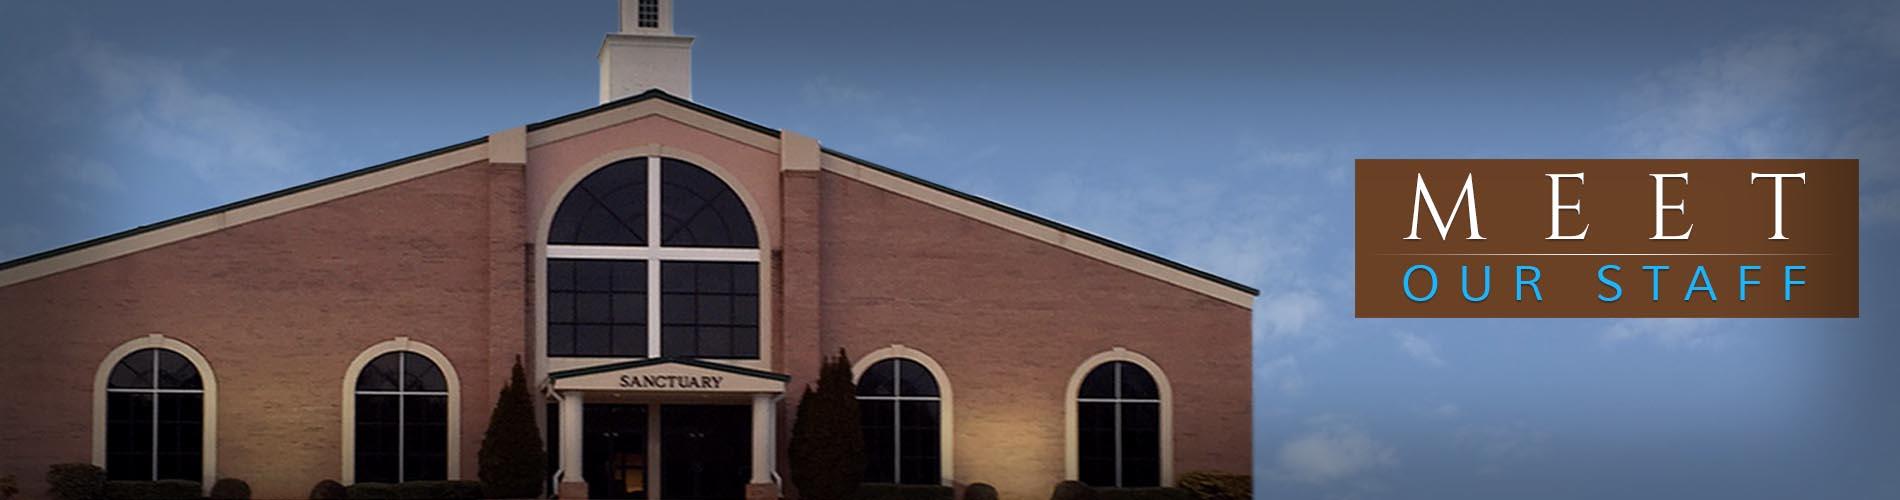 Berean Christian Church Staff